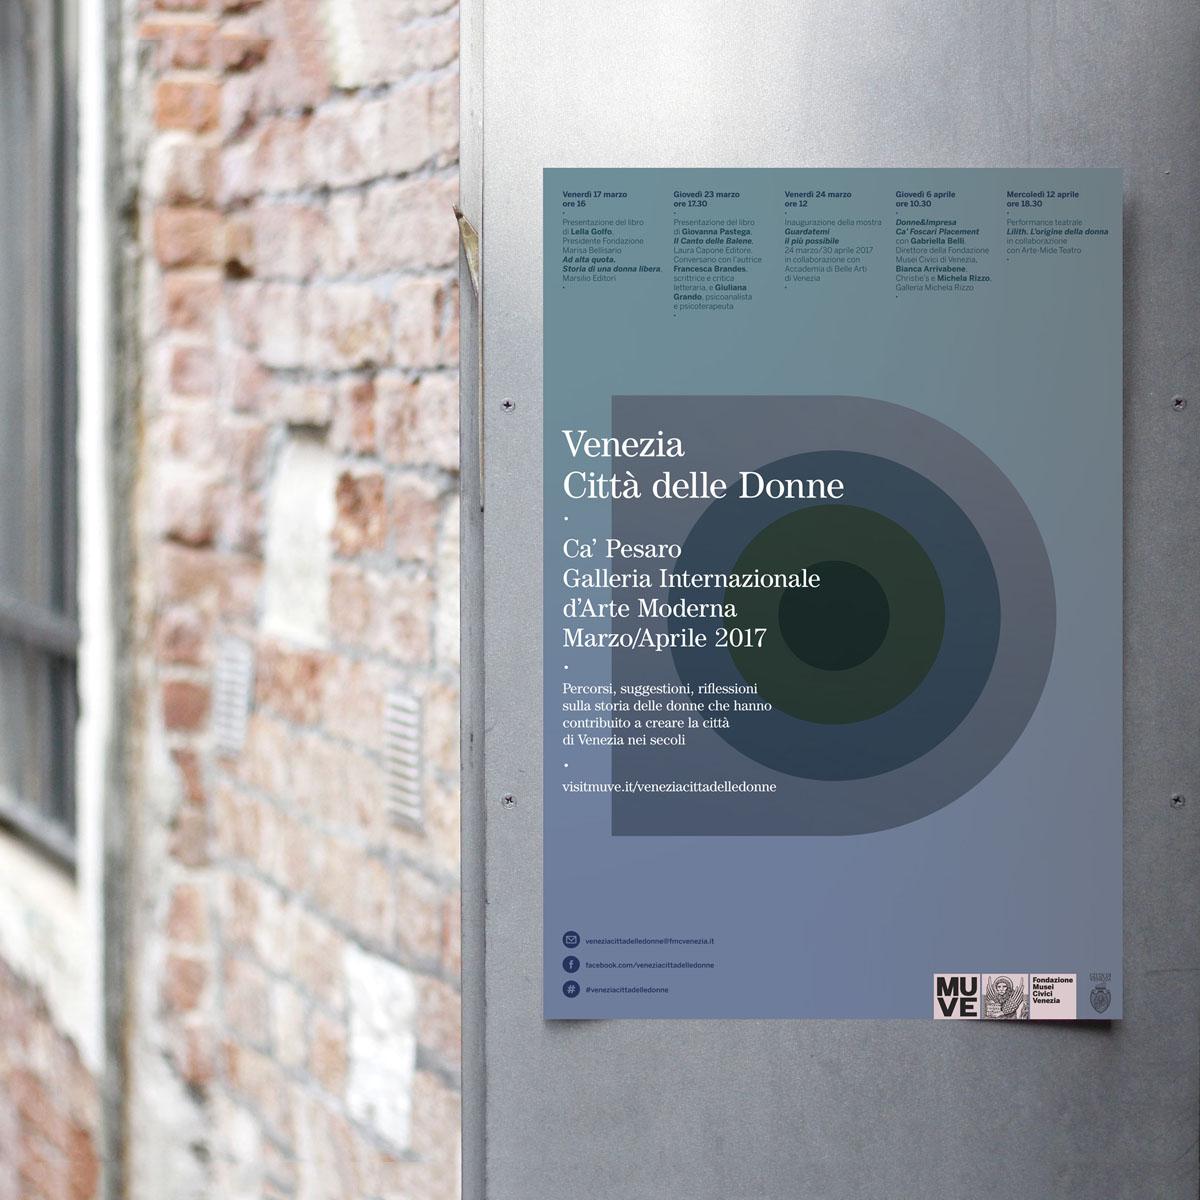 Venezia-Città-delle-Donne-002